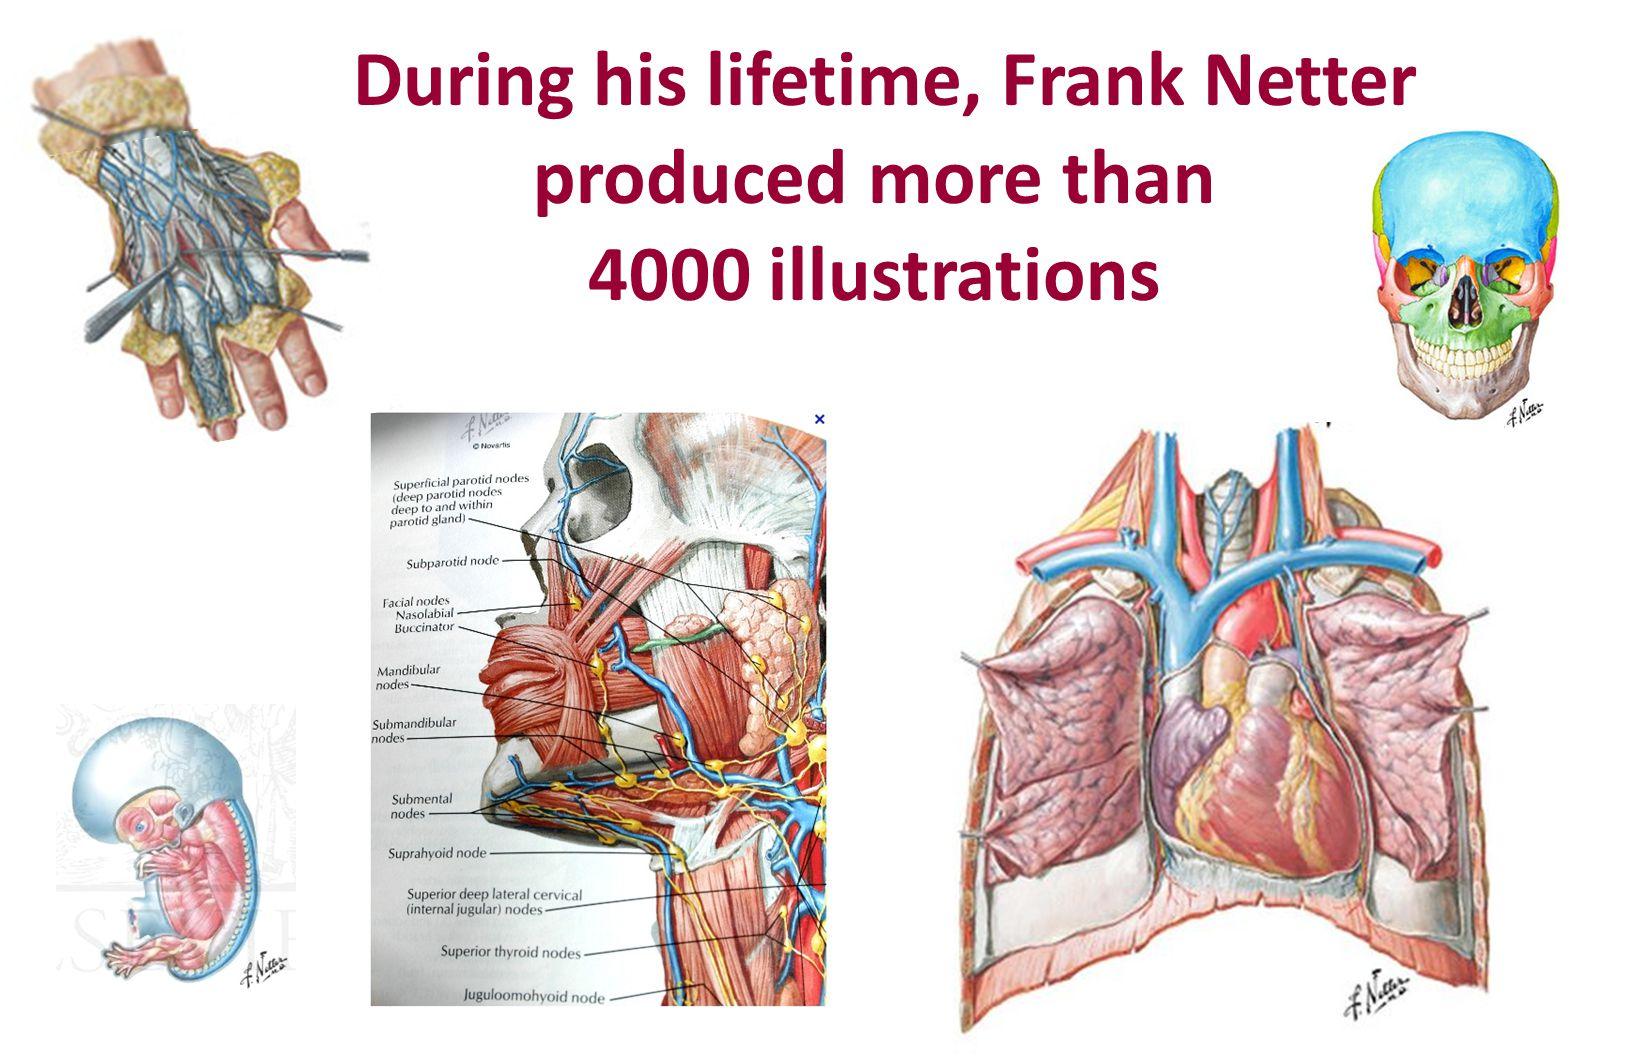 During his lifetime, Frank Netter